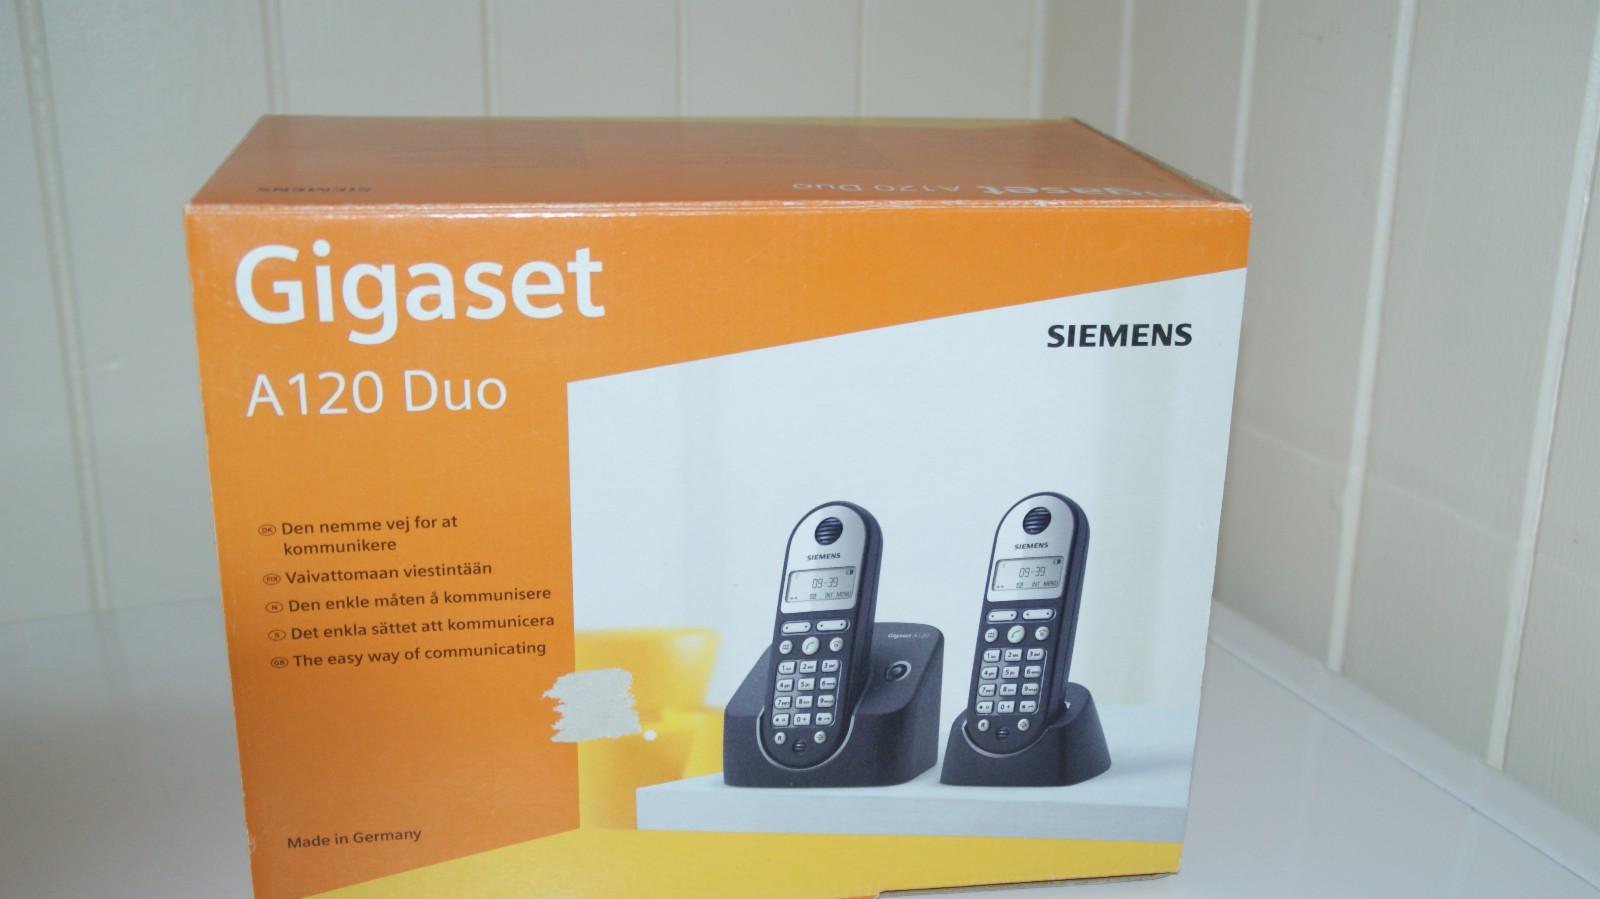 Telefon sett - Løkken Verk  - Siemens Gigaset A 120 DUO.tråløse med basestasjoner selges høystbydende - Løkken Verk